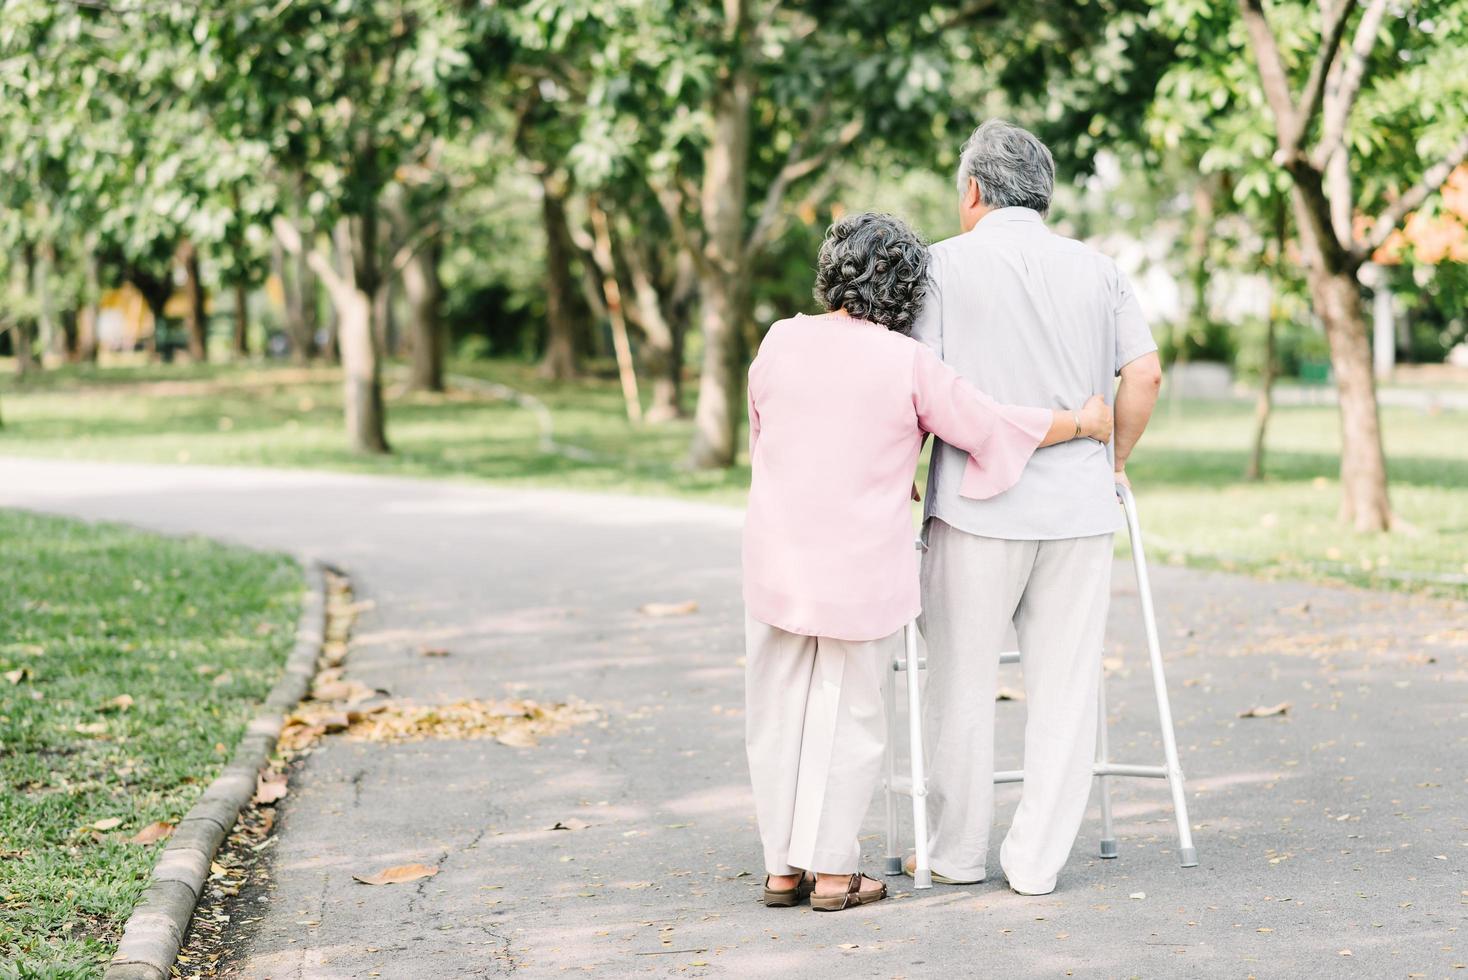 pareja senior abrazando en el parque foto